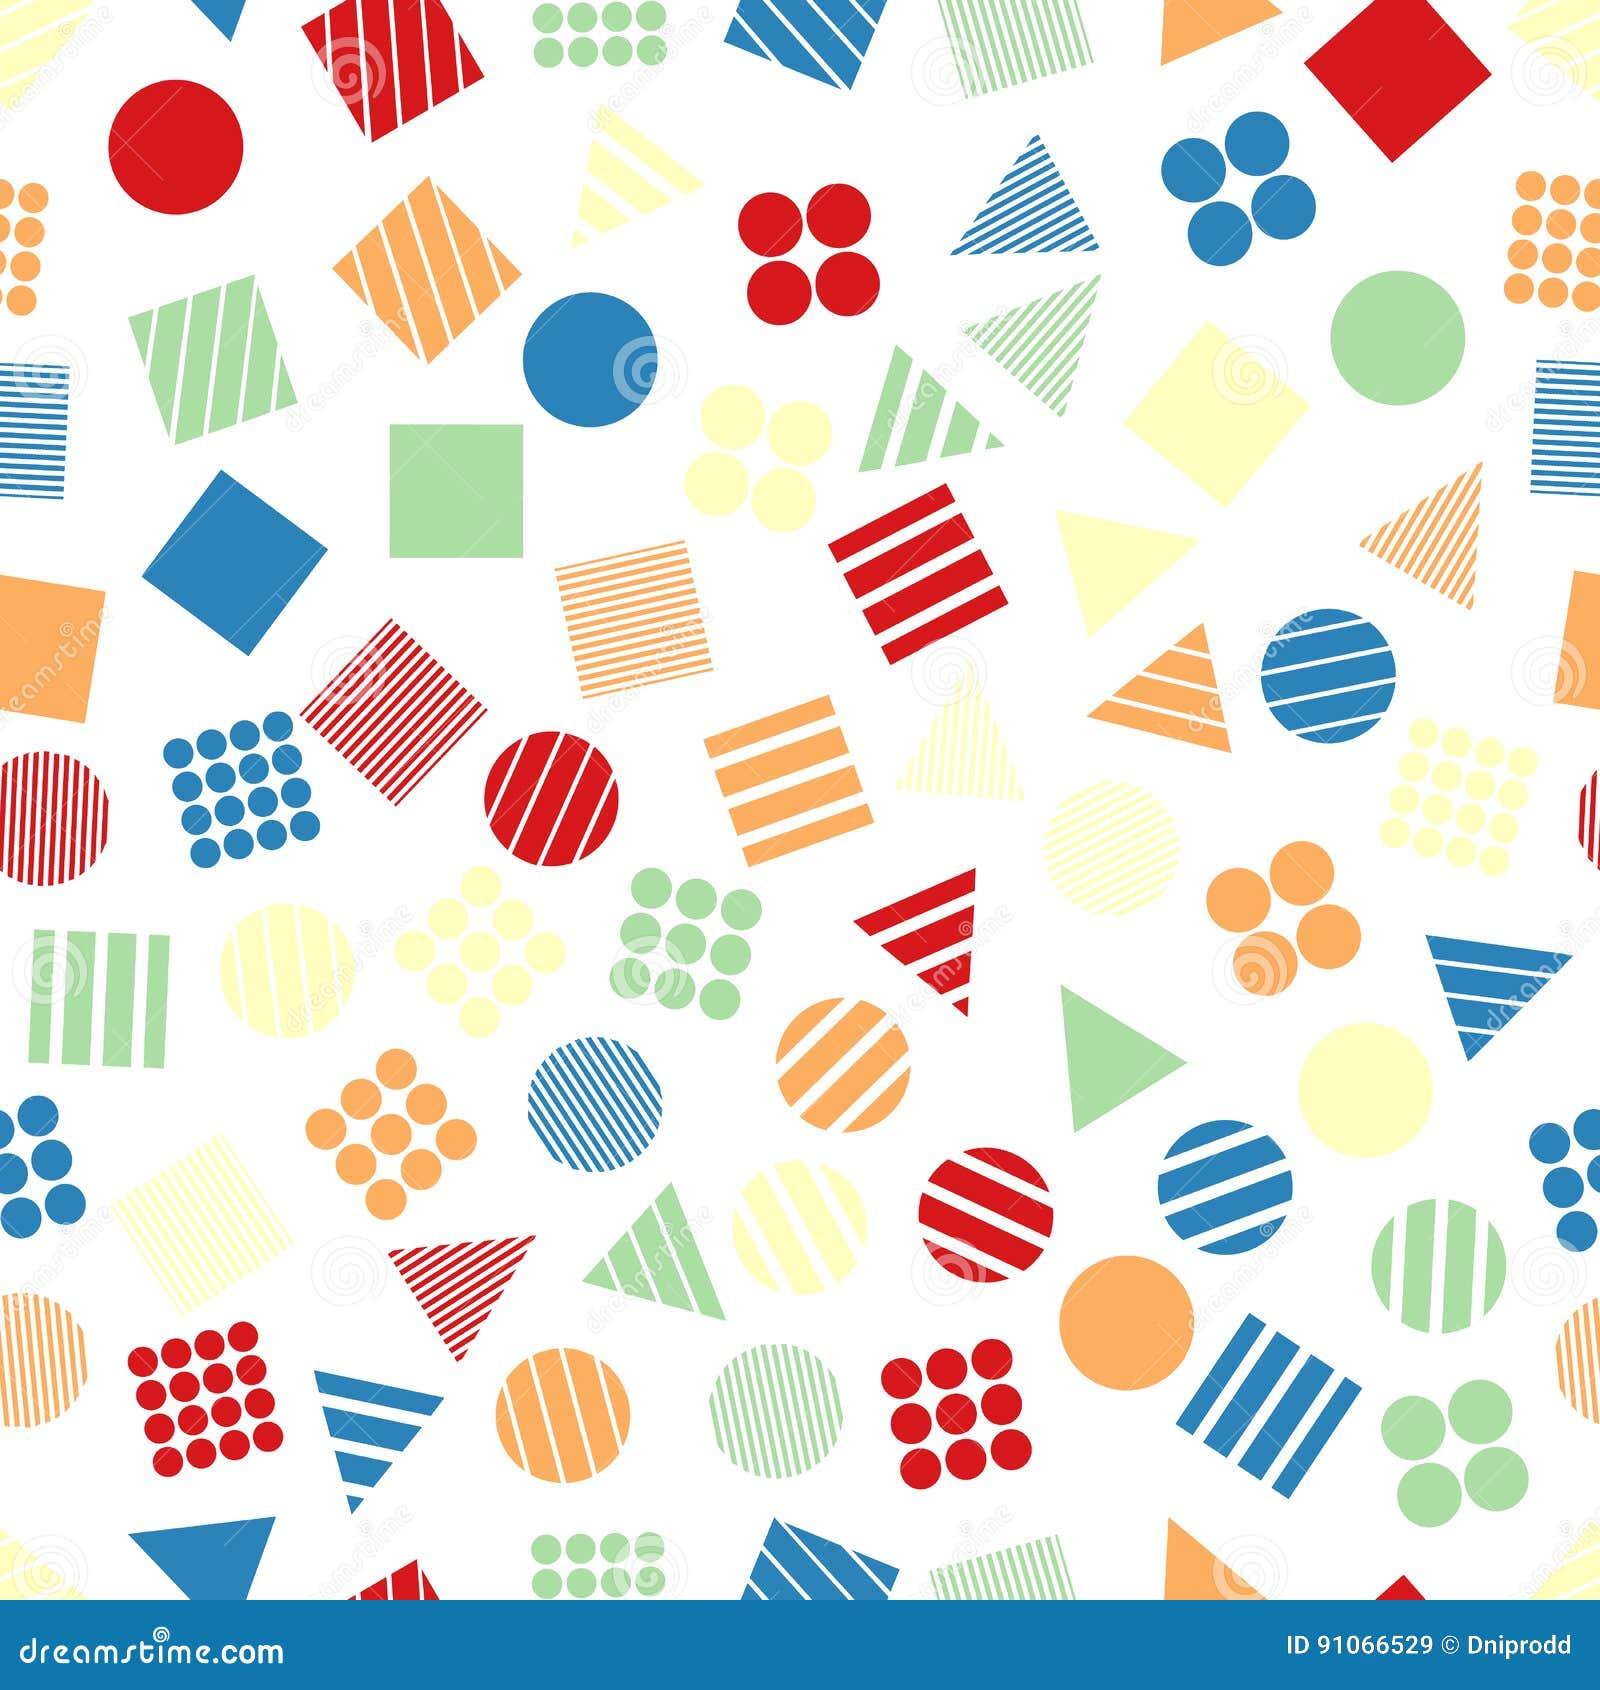 Modèles géométriques primitifs sans couture pour le tissu et les cartes postales